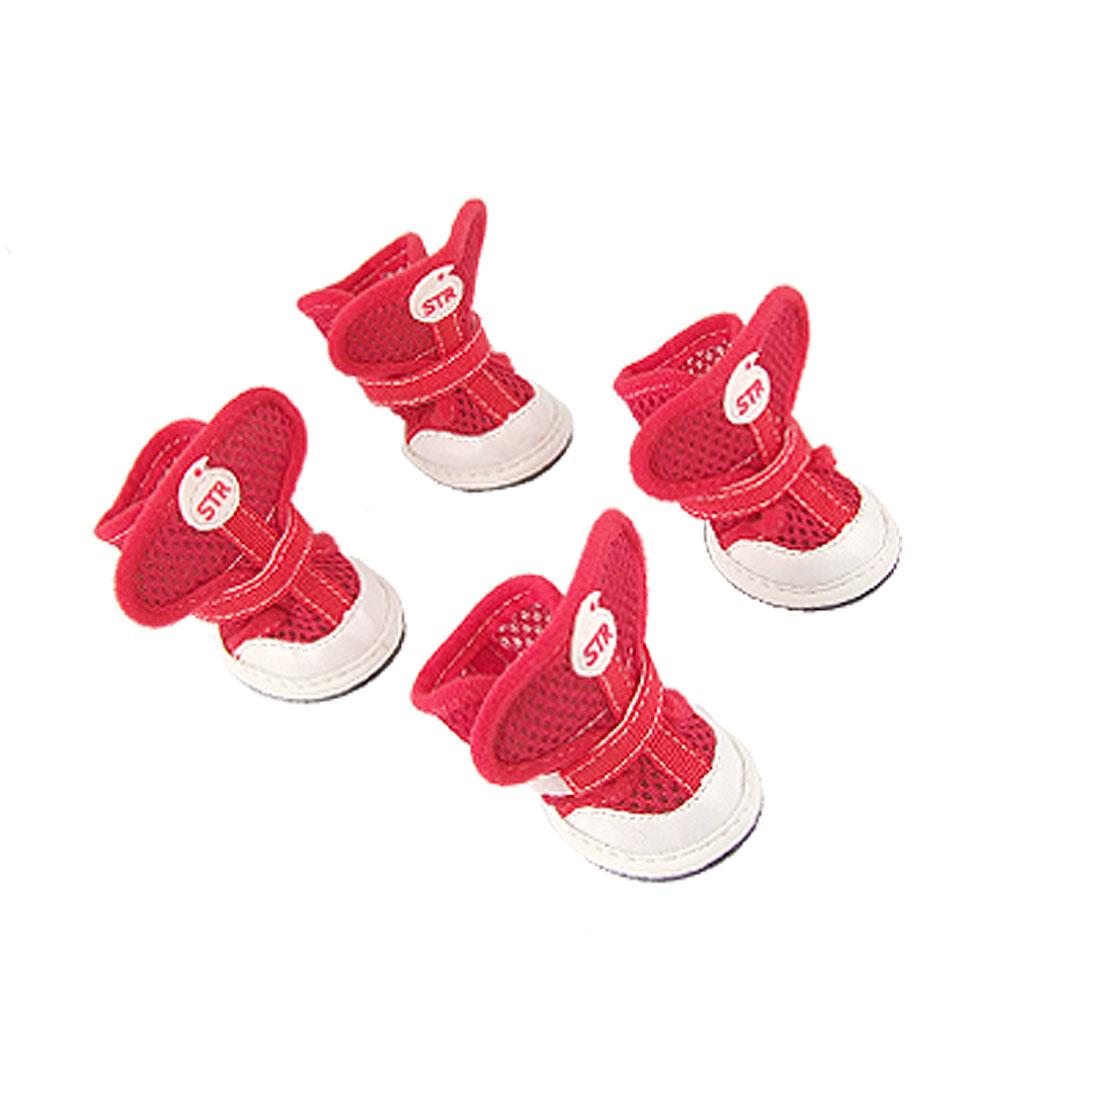 Pet Dog Nonslip Sole Hook Loop Fastener Air Mesh Shoes Red Footwear 4